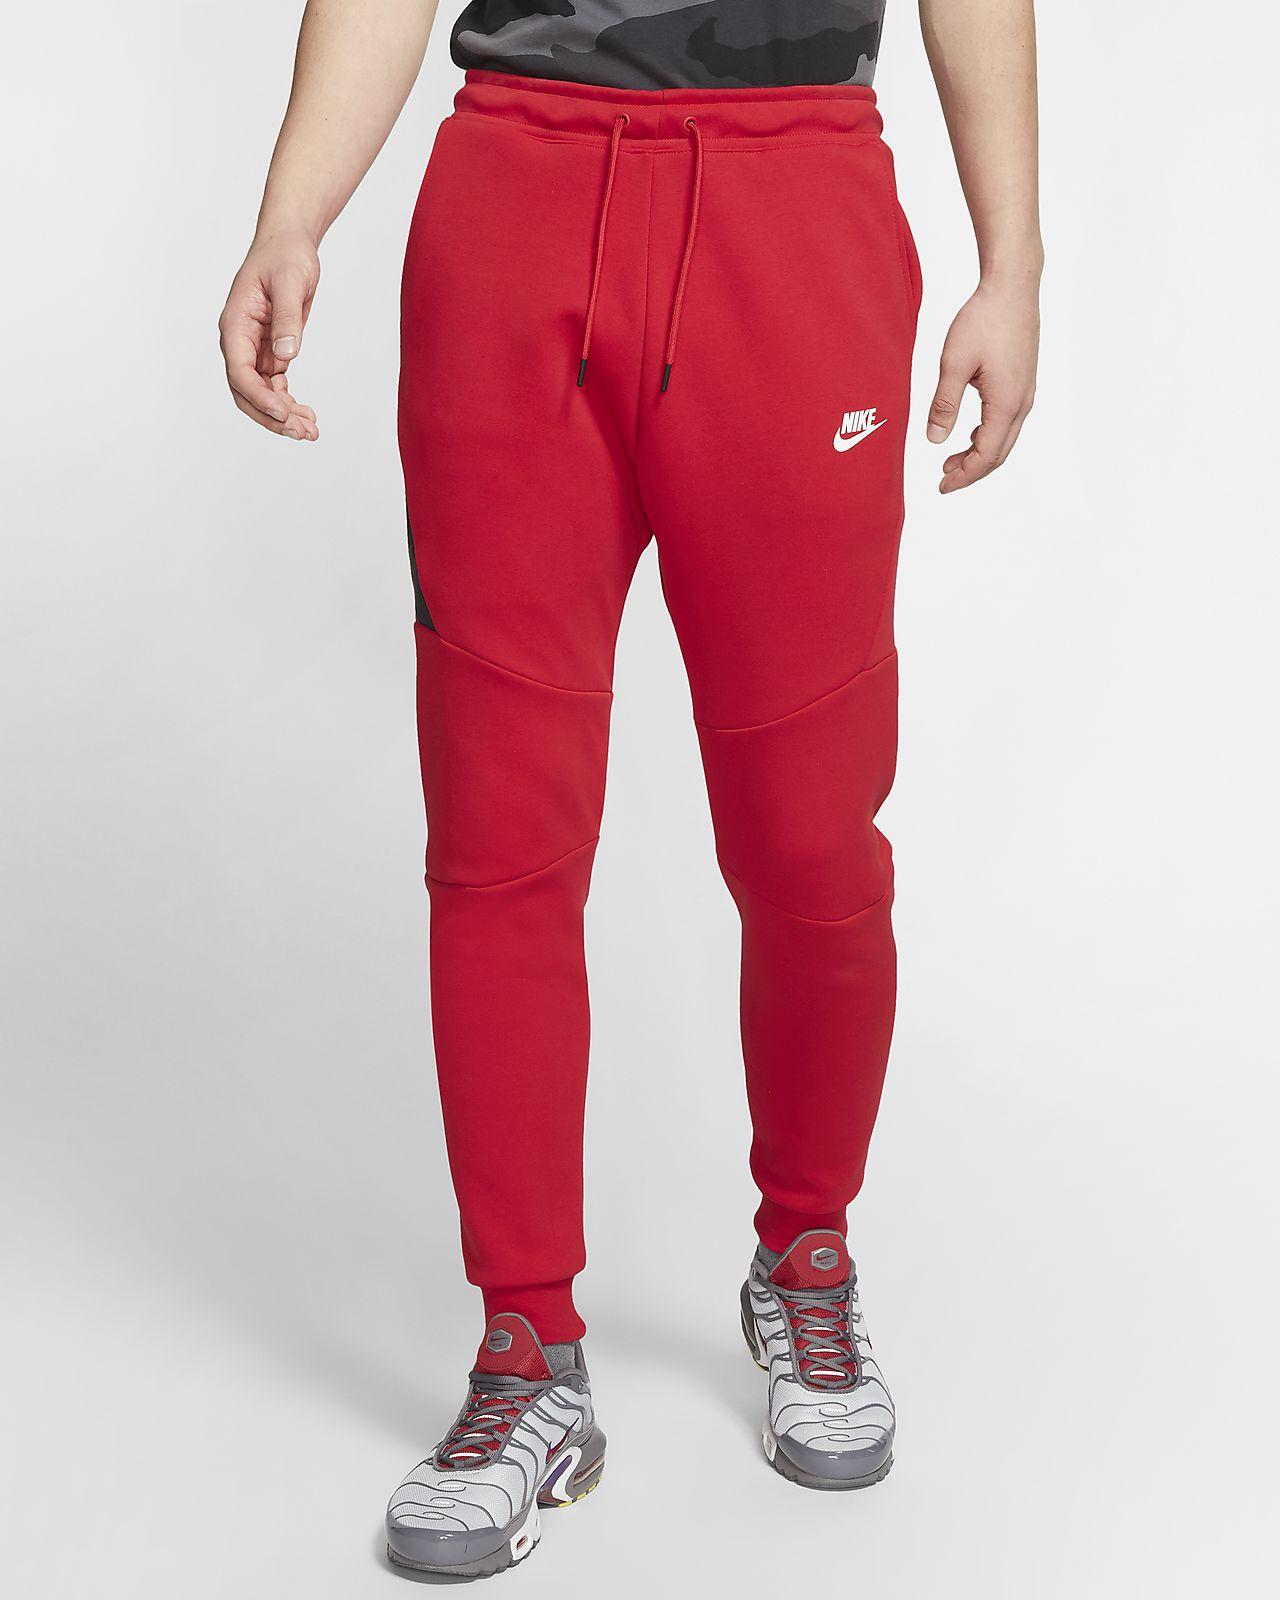 Célula somatica tema Distracción  pantalon nike sportswear tech fleece jogger > Up to 62% OFF > Free shipping